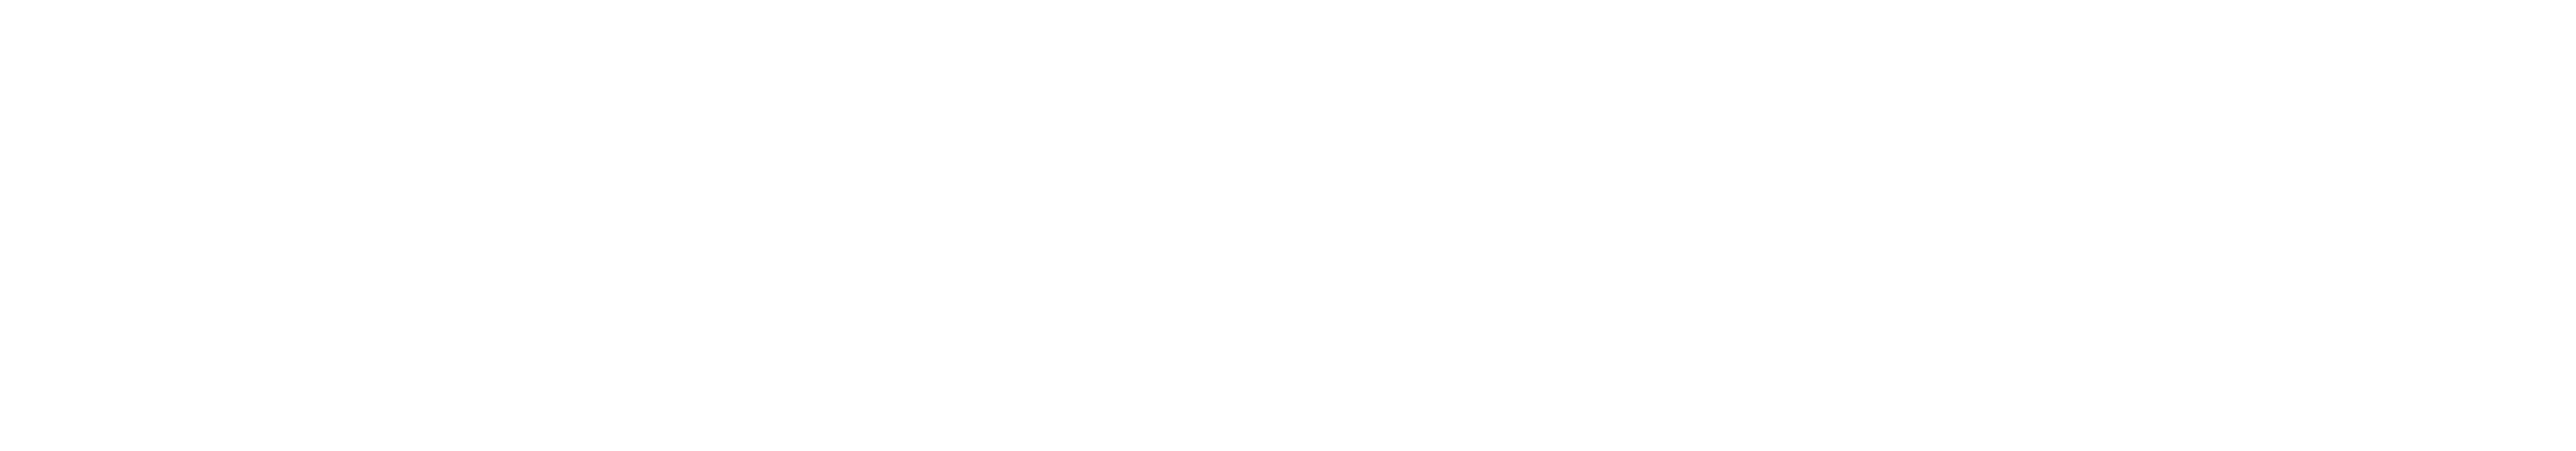 VinRom Rakennus Oy - logo